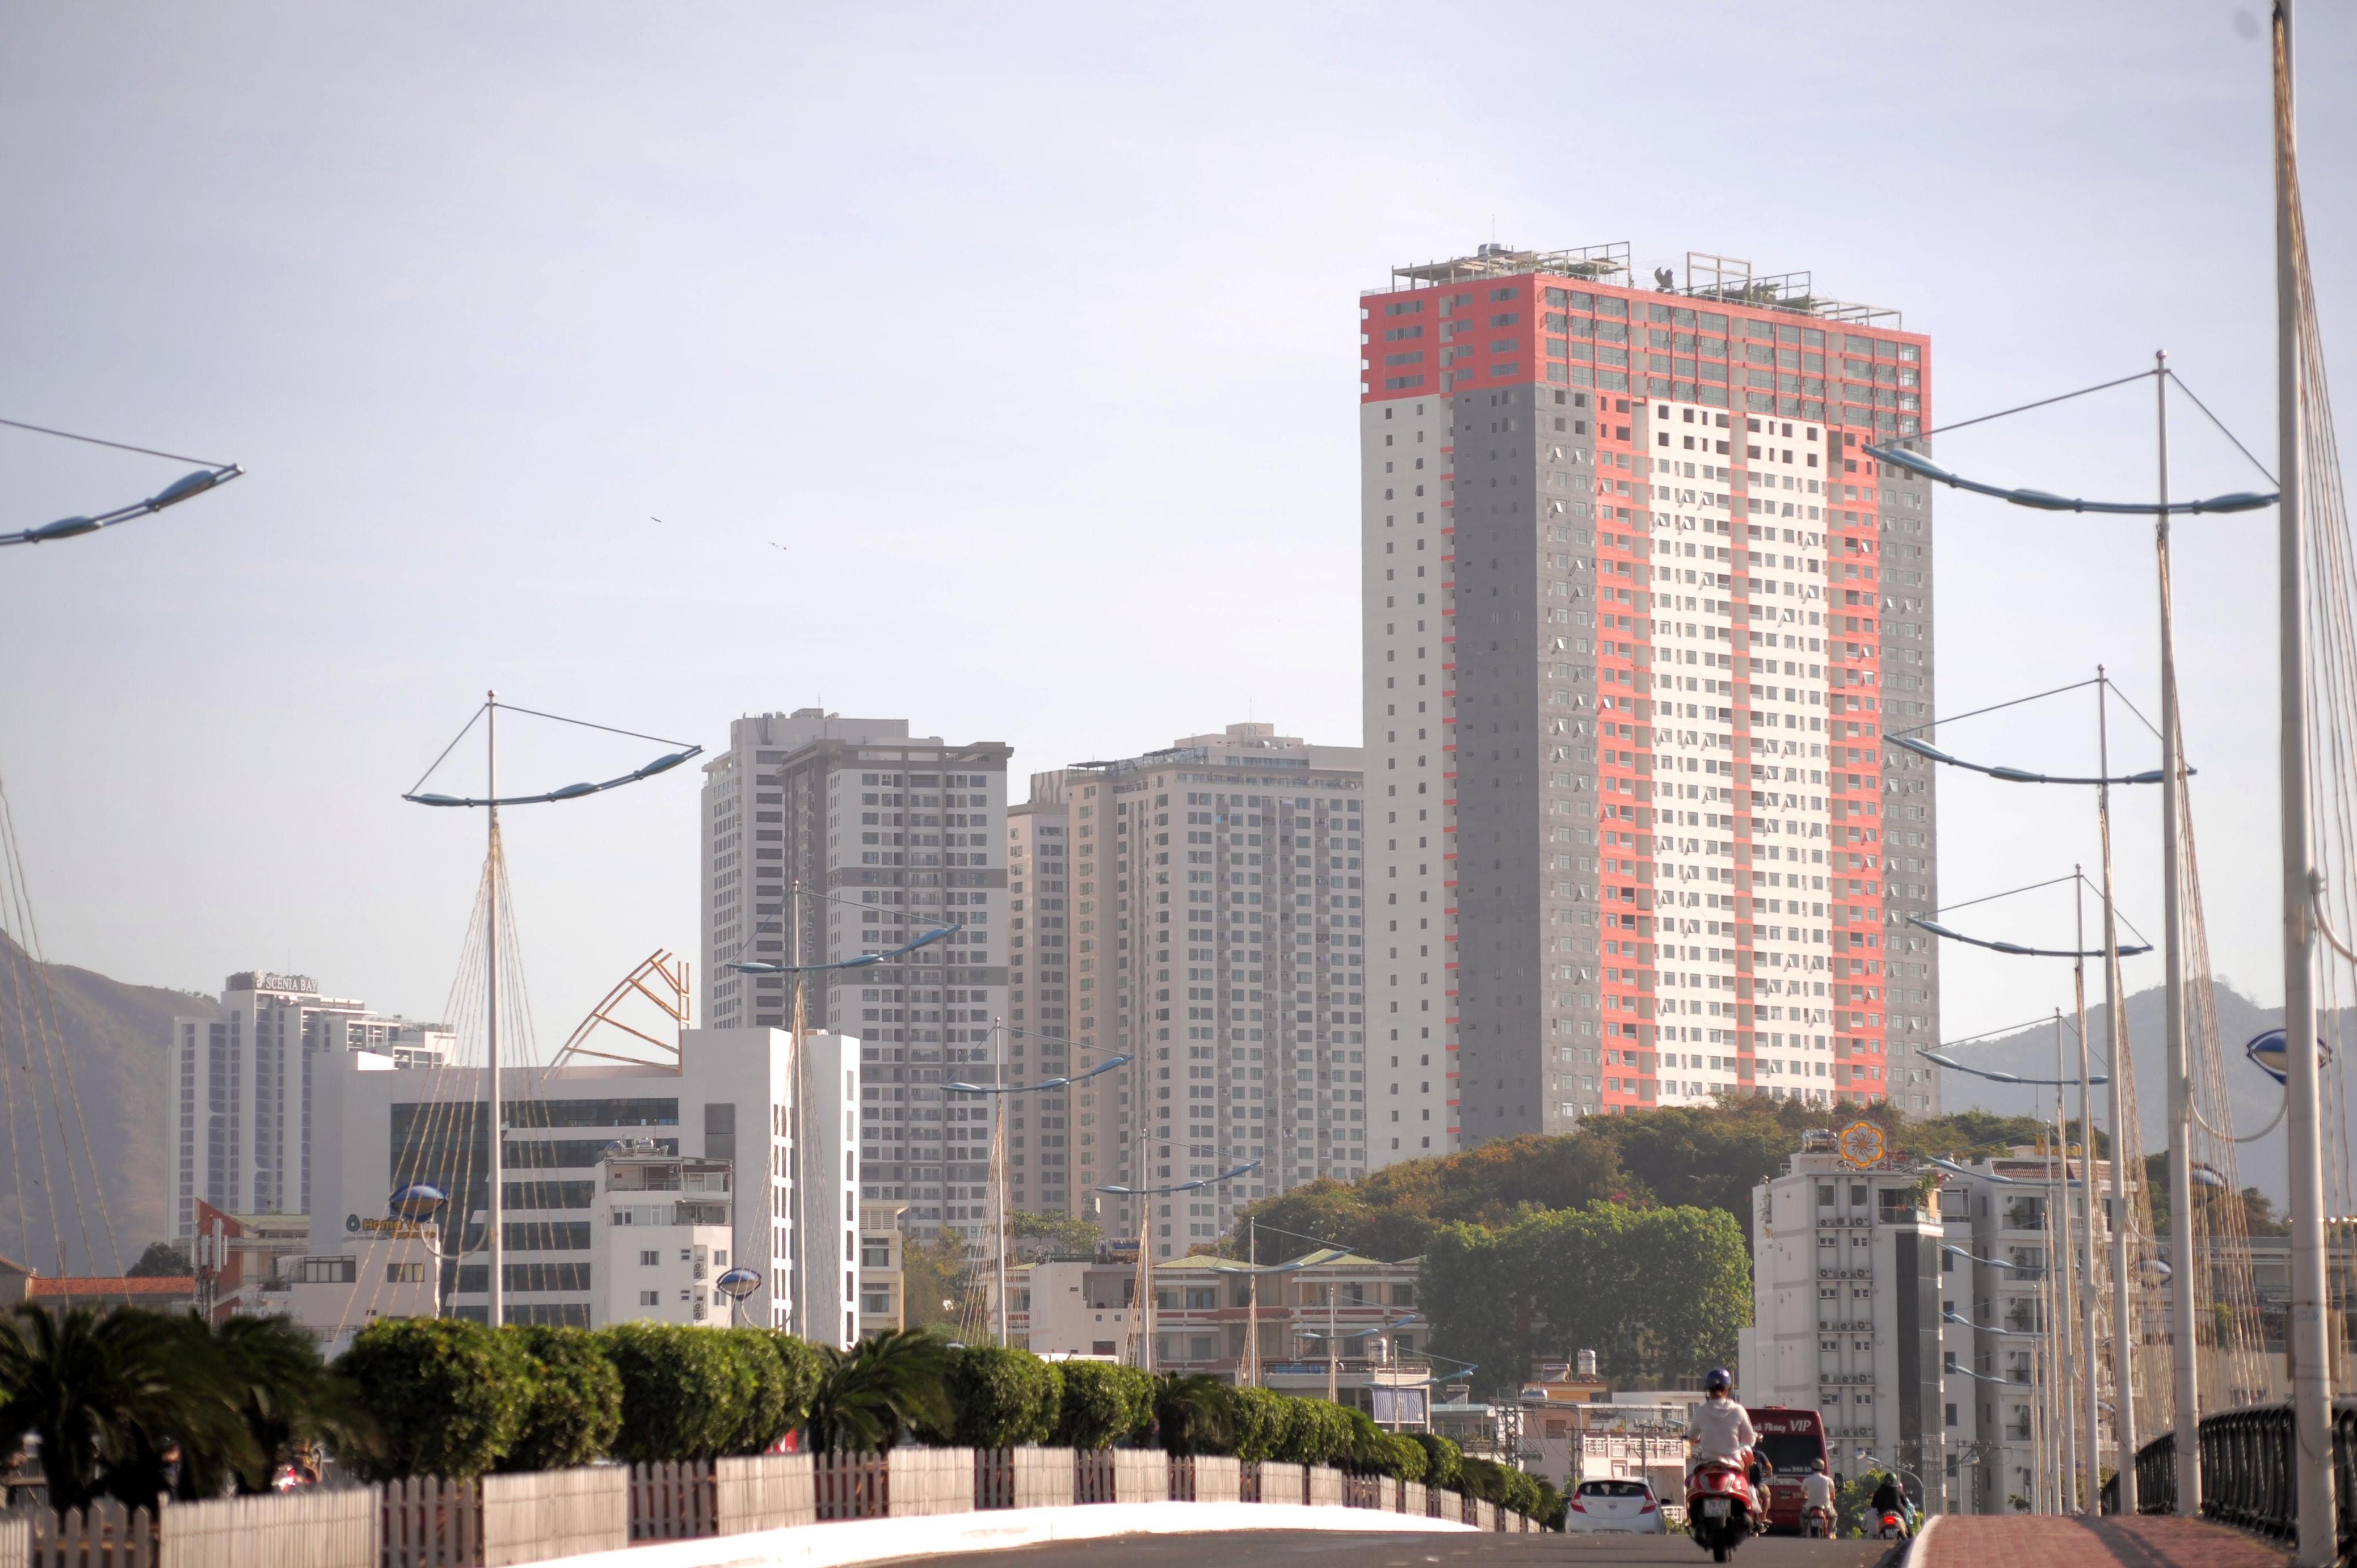 Khánh Hòa: Khu đất công thành chung cư 40 tầng  - Ảnh 1.